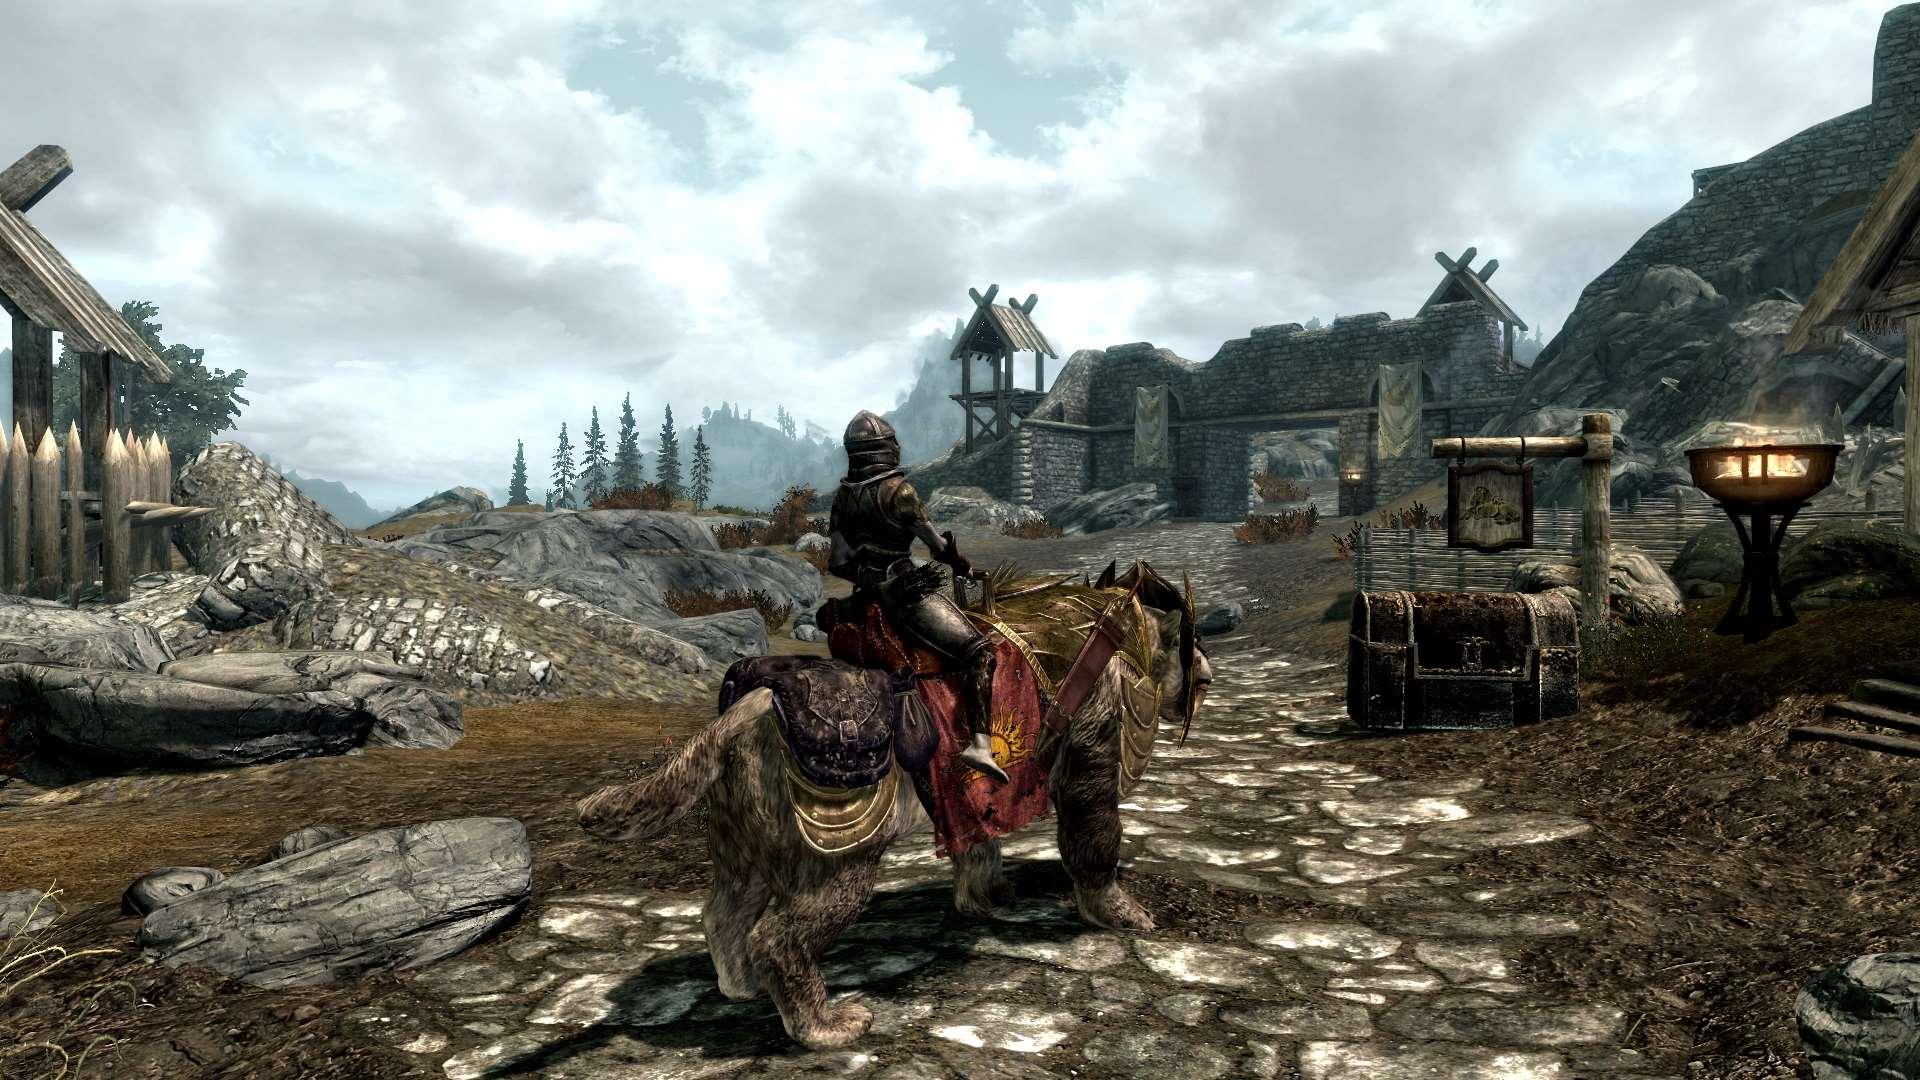 камень-портал skyrim найти где знакомые мод лица